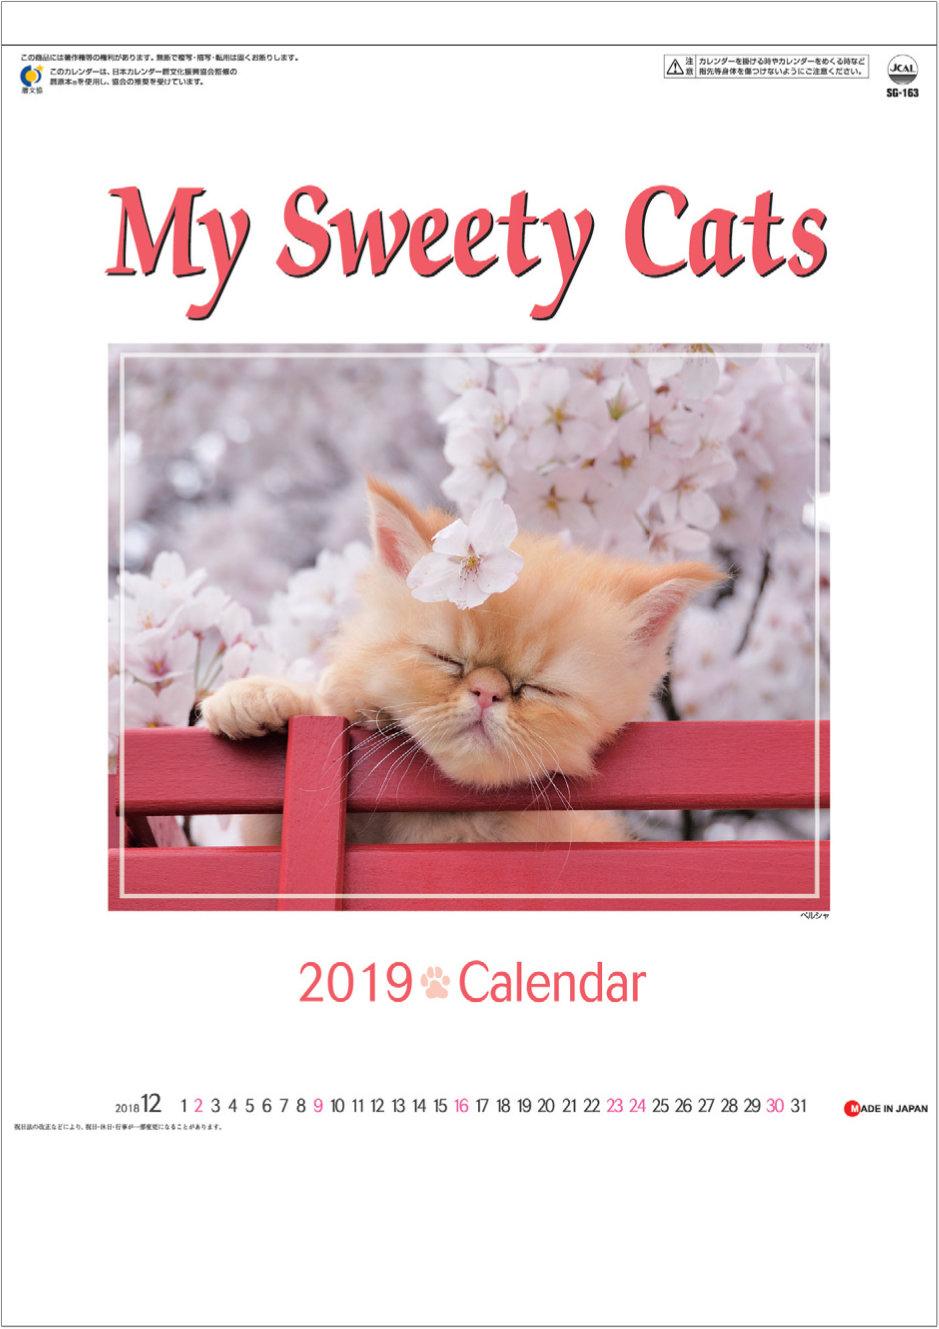 表紙 マイスウィーティーキャット 2019年カレンダーの画像